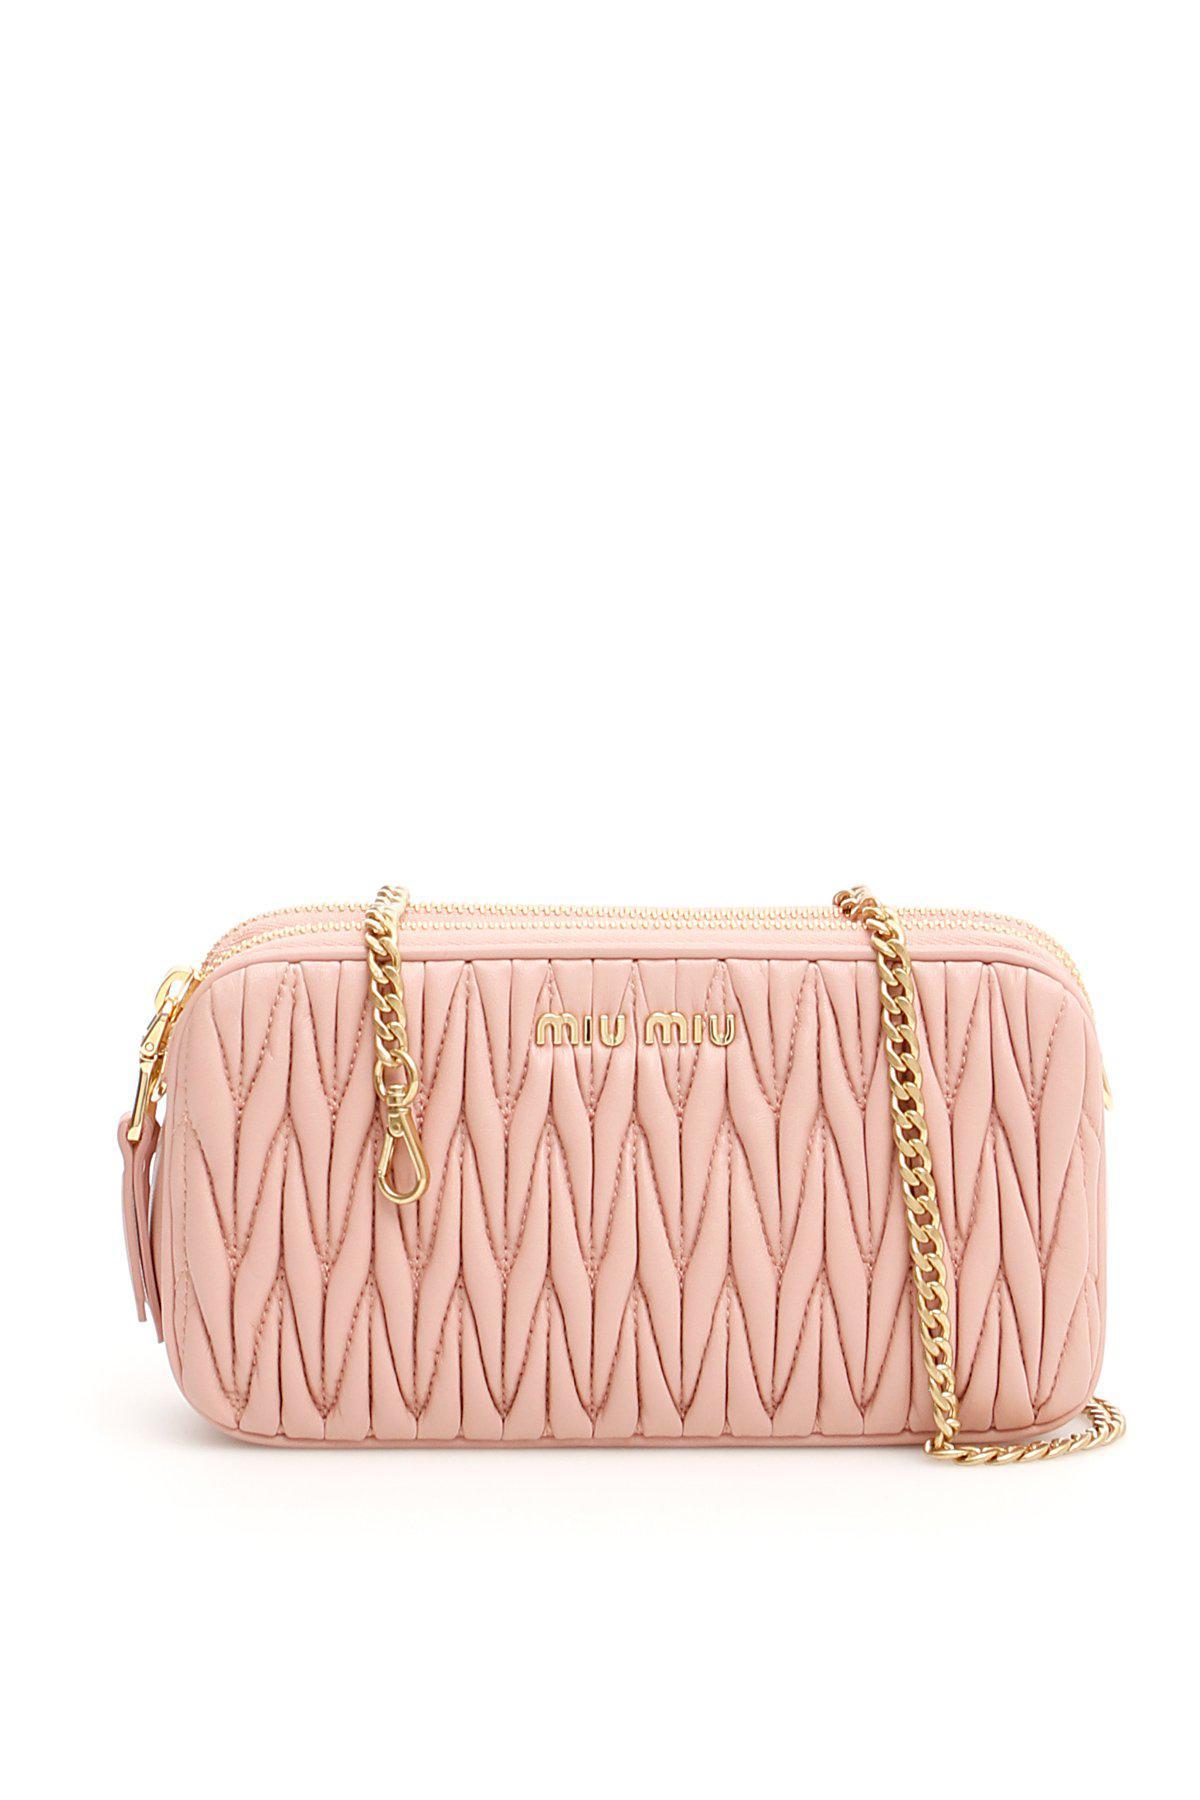 0e3c85286a60 Miu Miu - Pink Matelassé Mini Bag - Lyst. View fullscreen